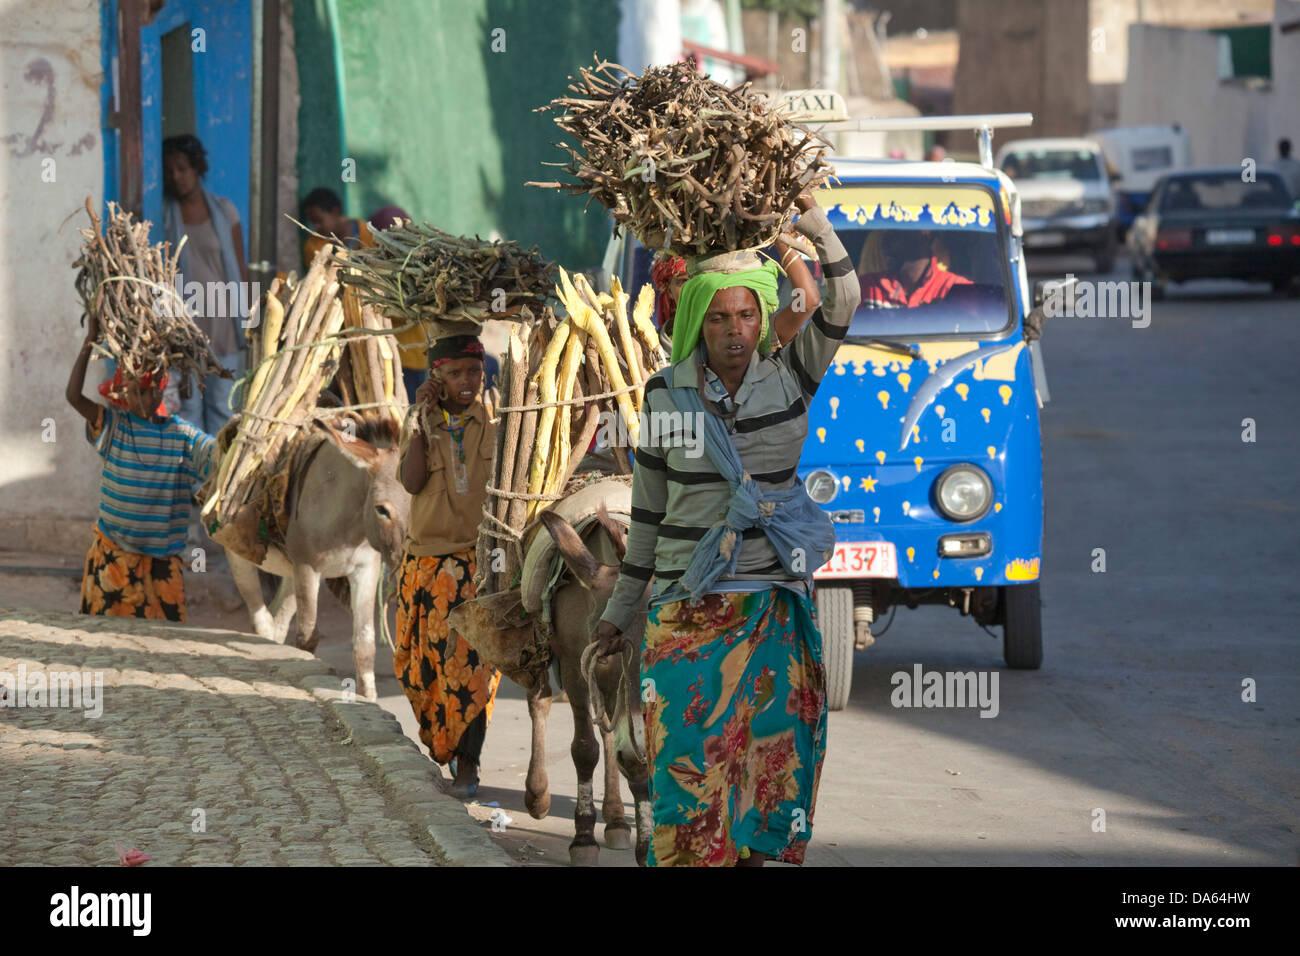 Le bois, les transports, l'Harar, en Ethiopie, l'UNESCO, patrimoine culturel mondial, l'Afrique, ville, Photo Stock